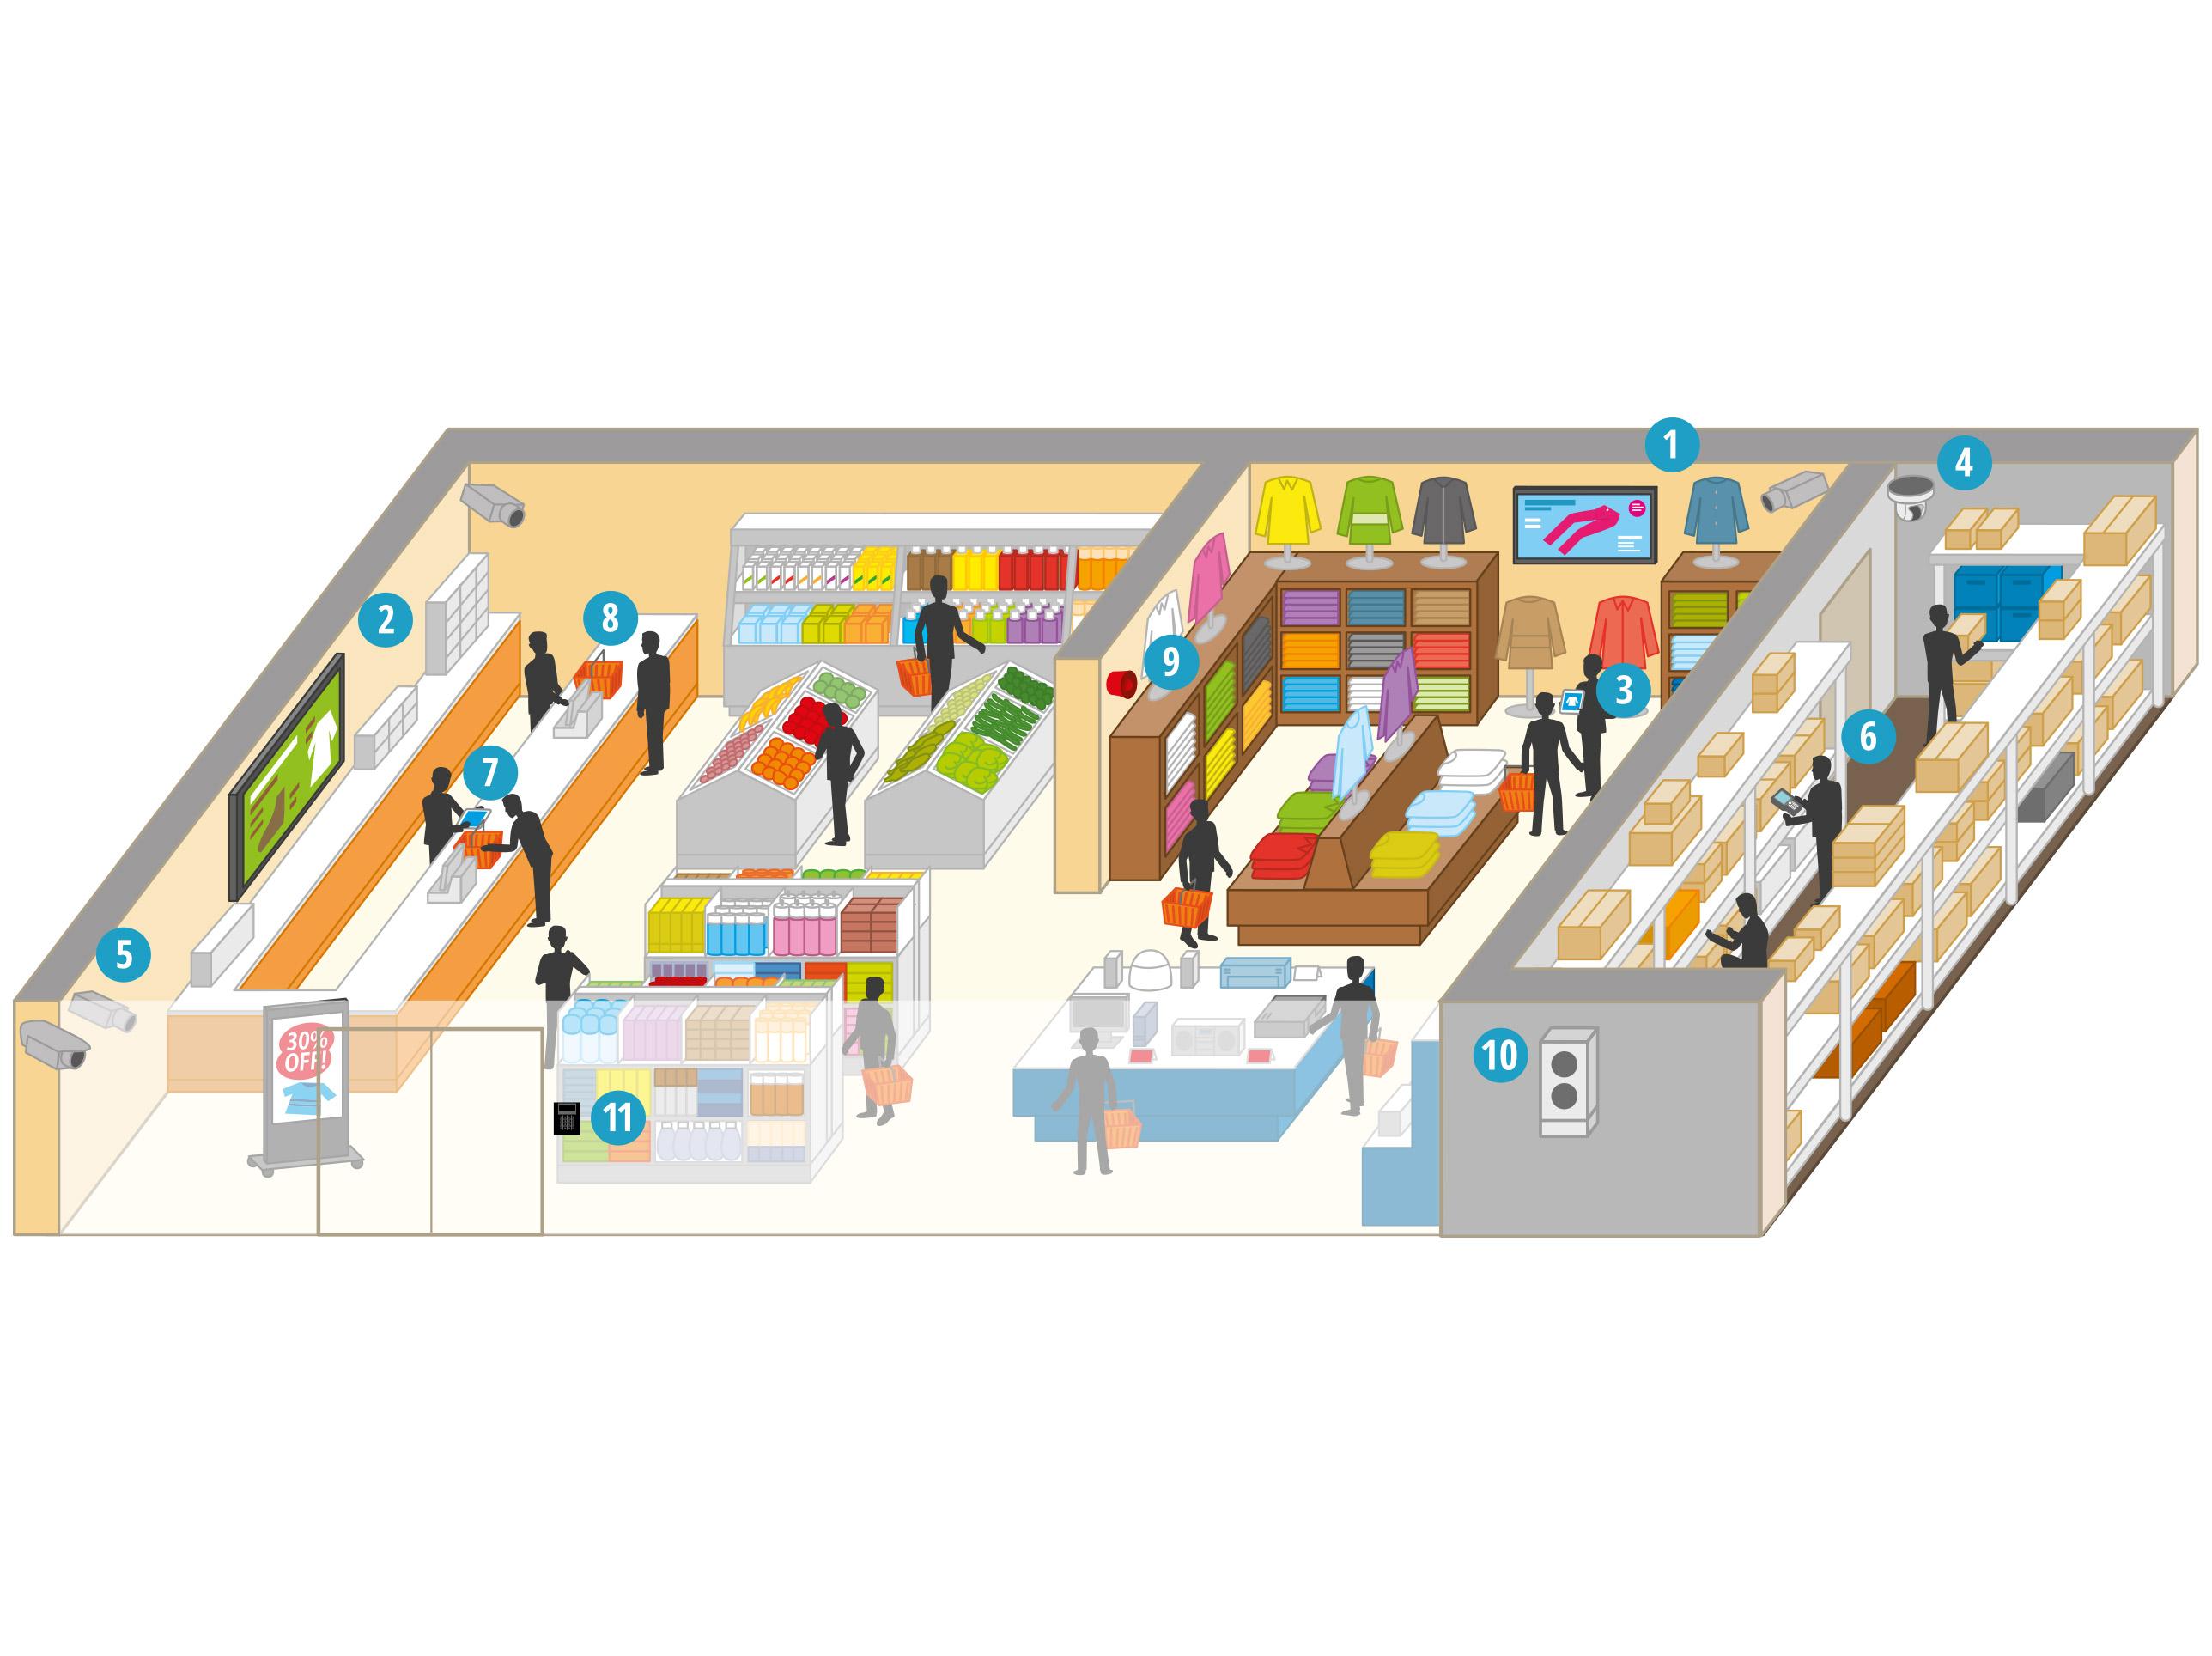 Comment les solutions de Panasonic aident-elles le commerce de détail?